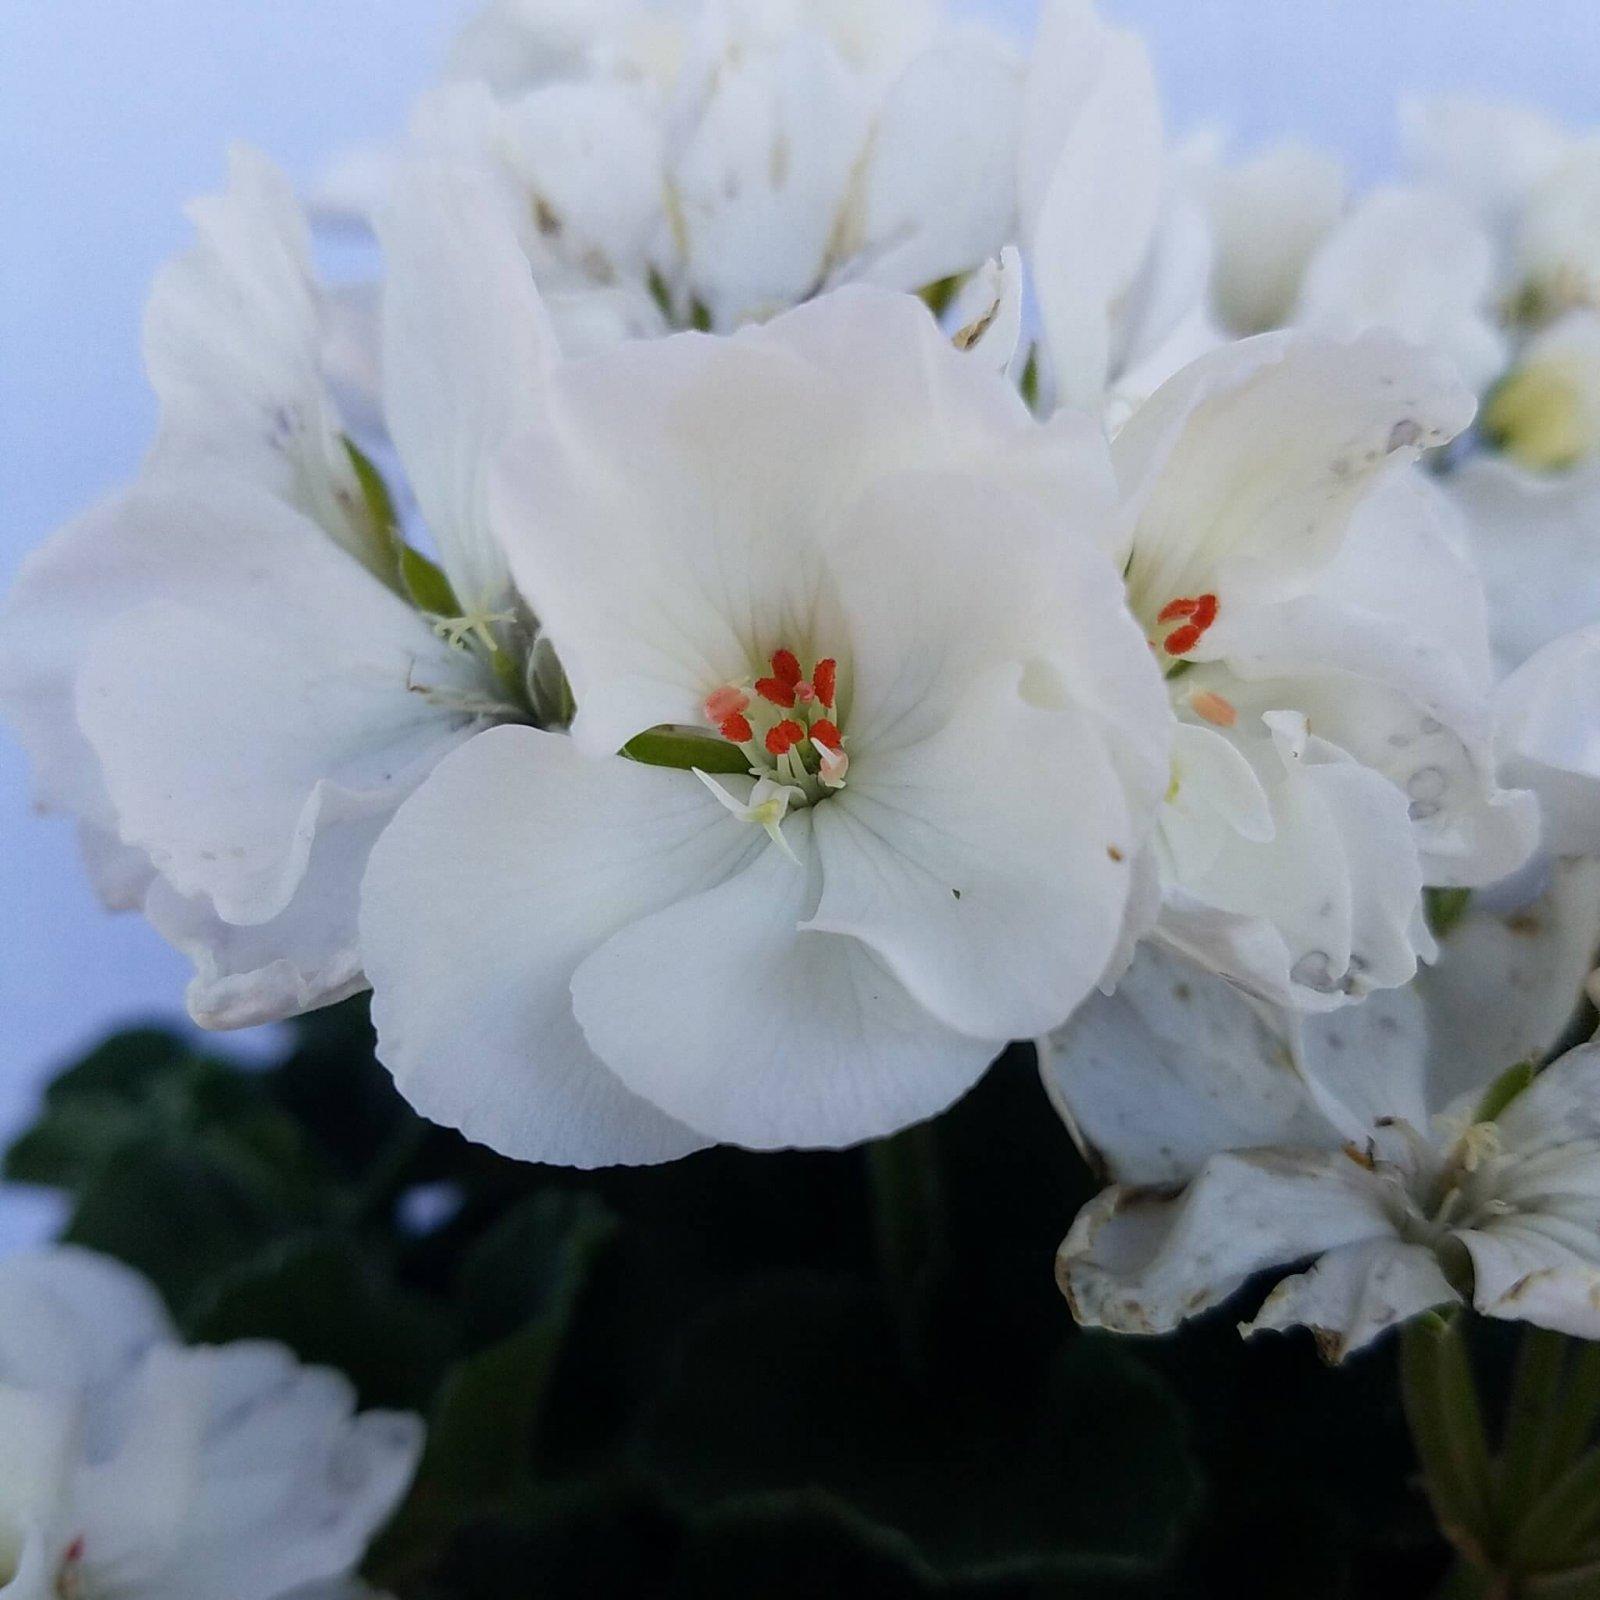 Geranium 'Fantasia White' - 6 1/2